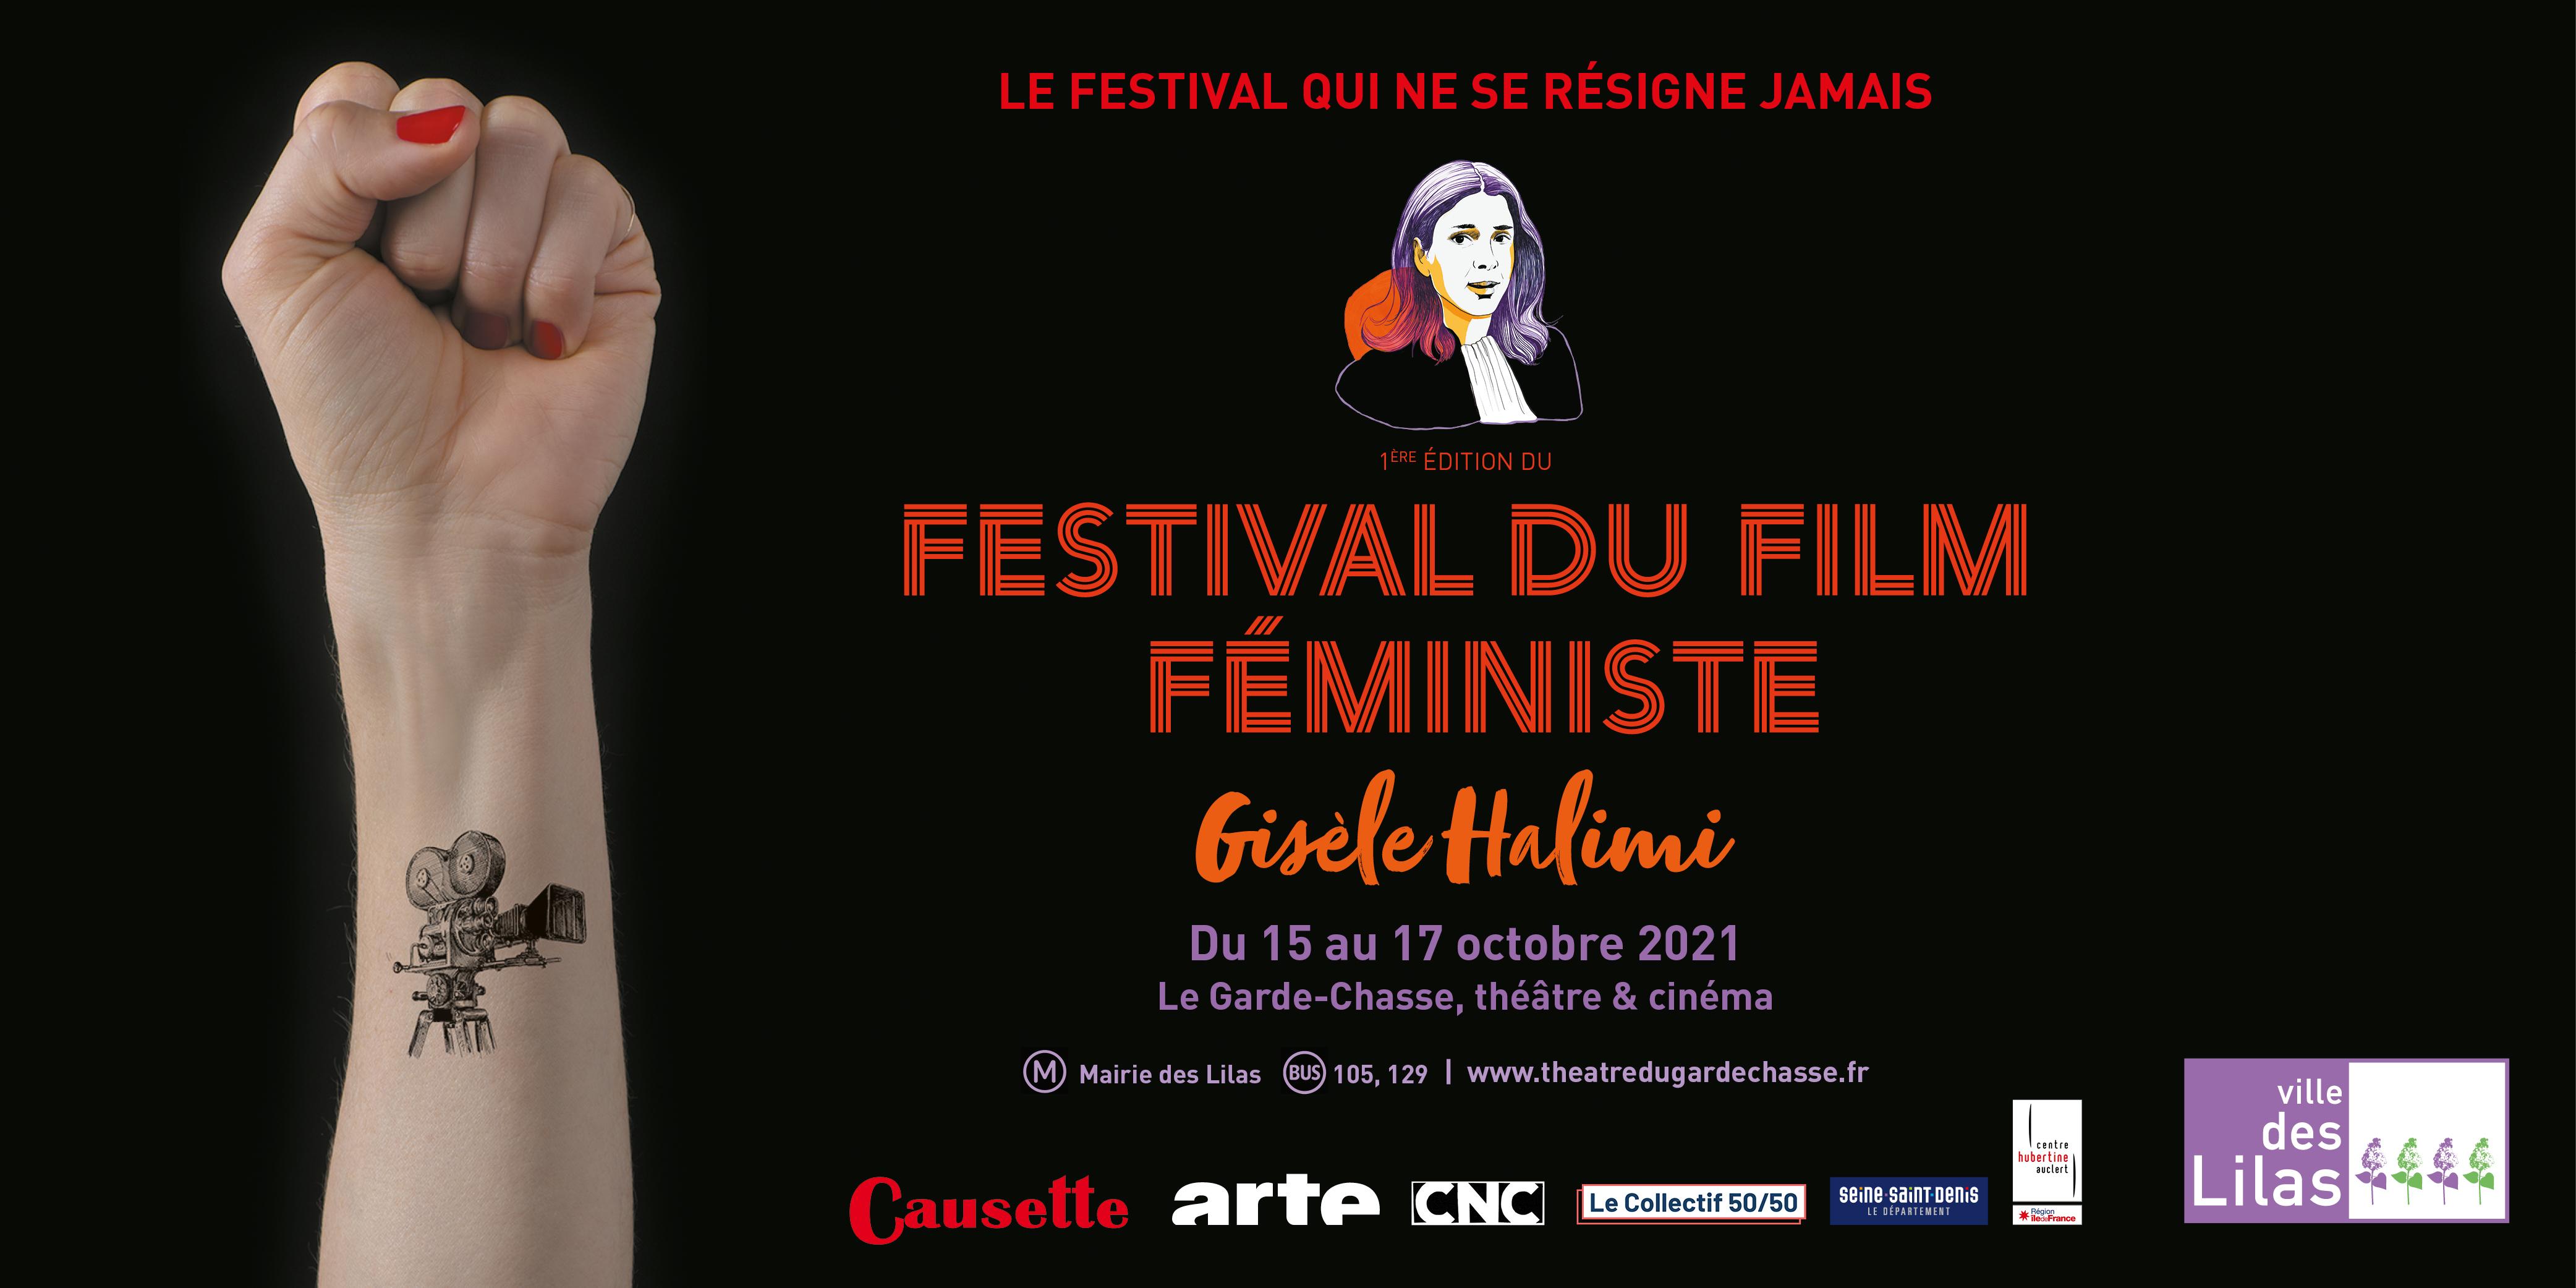 Festival du film féministe Gisèle Halimi : 1ère édition